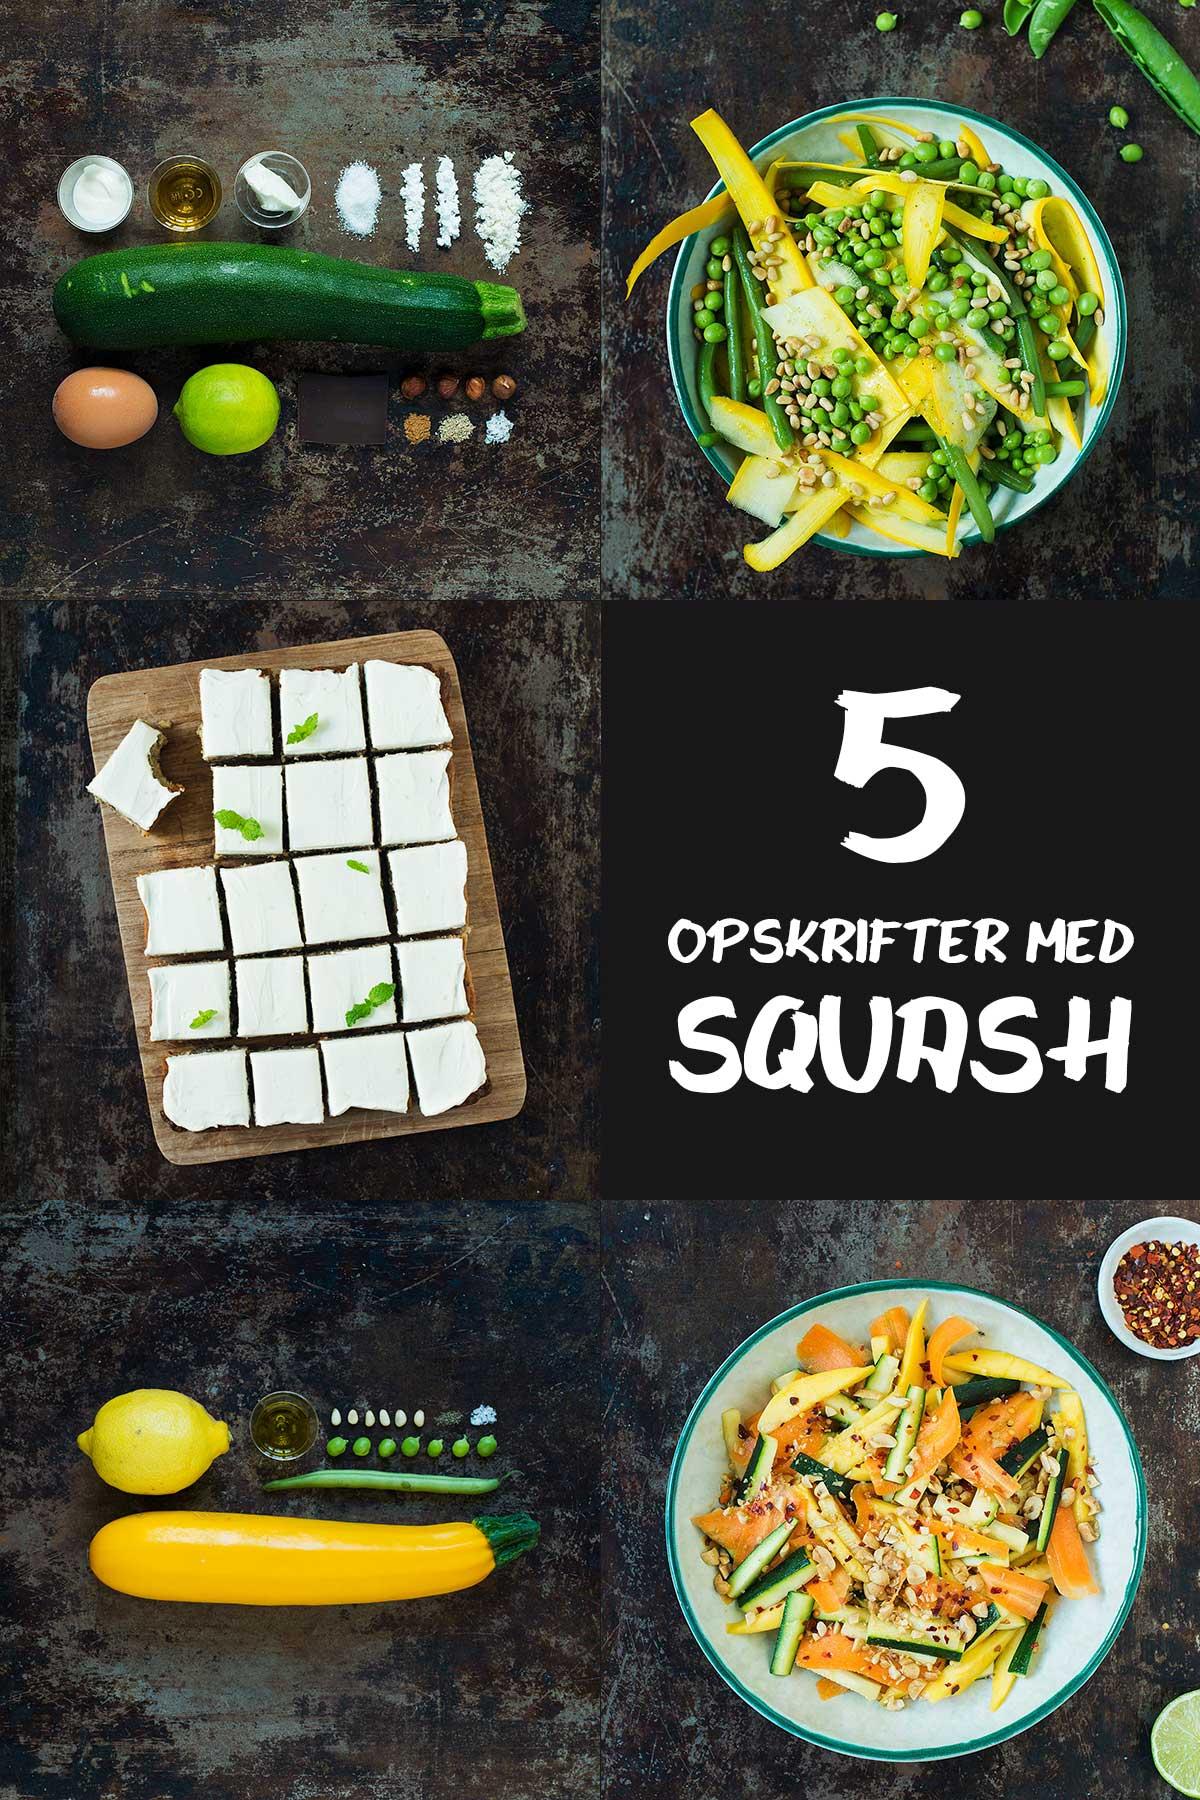 5 opskrifter med squash | Frk. Kræsen